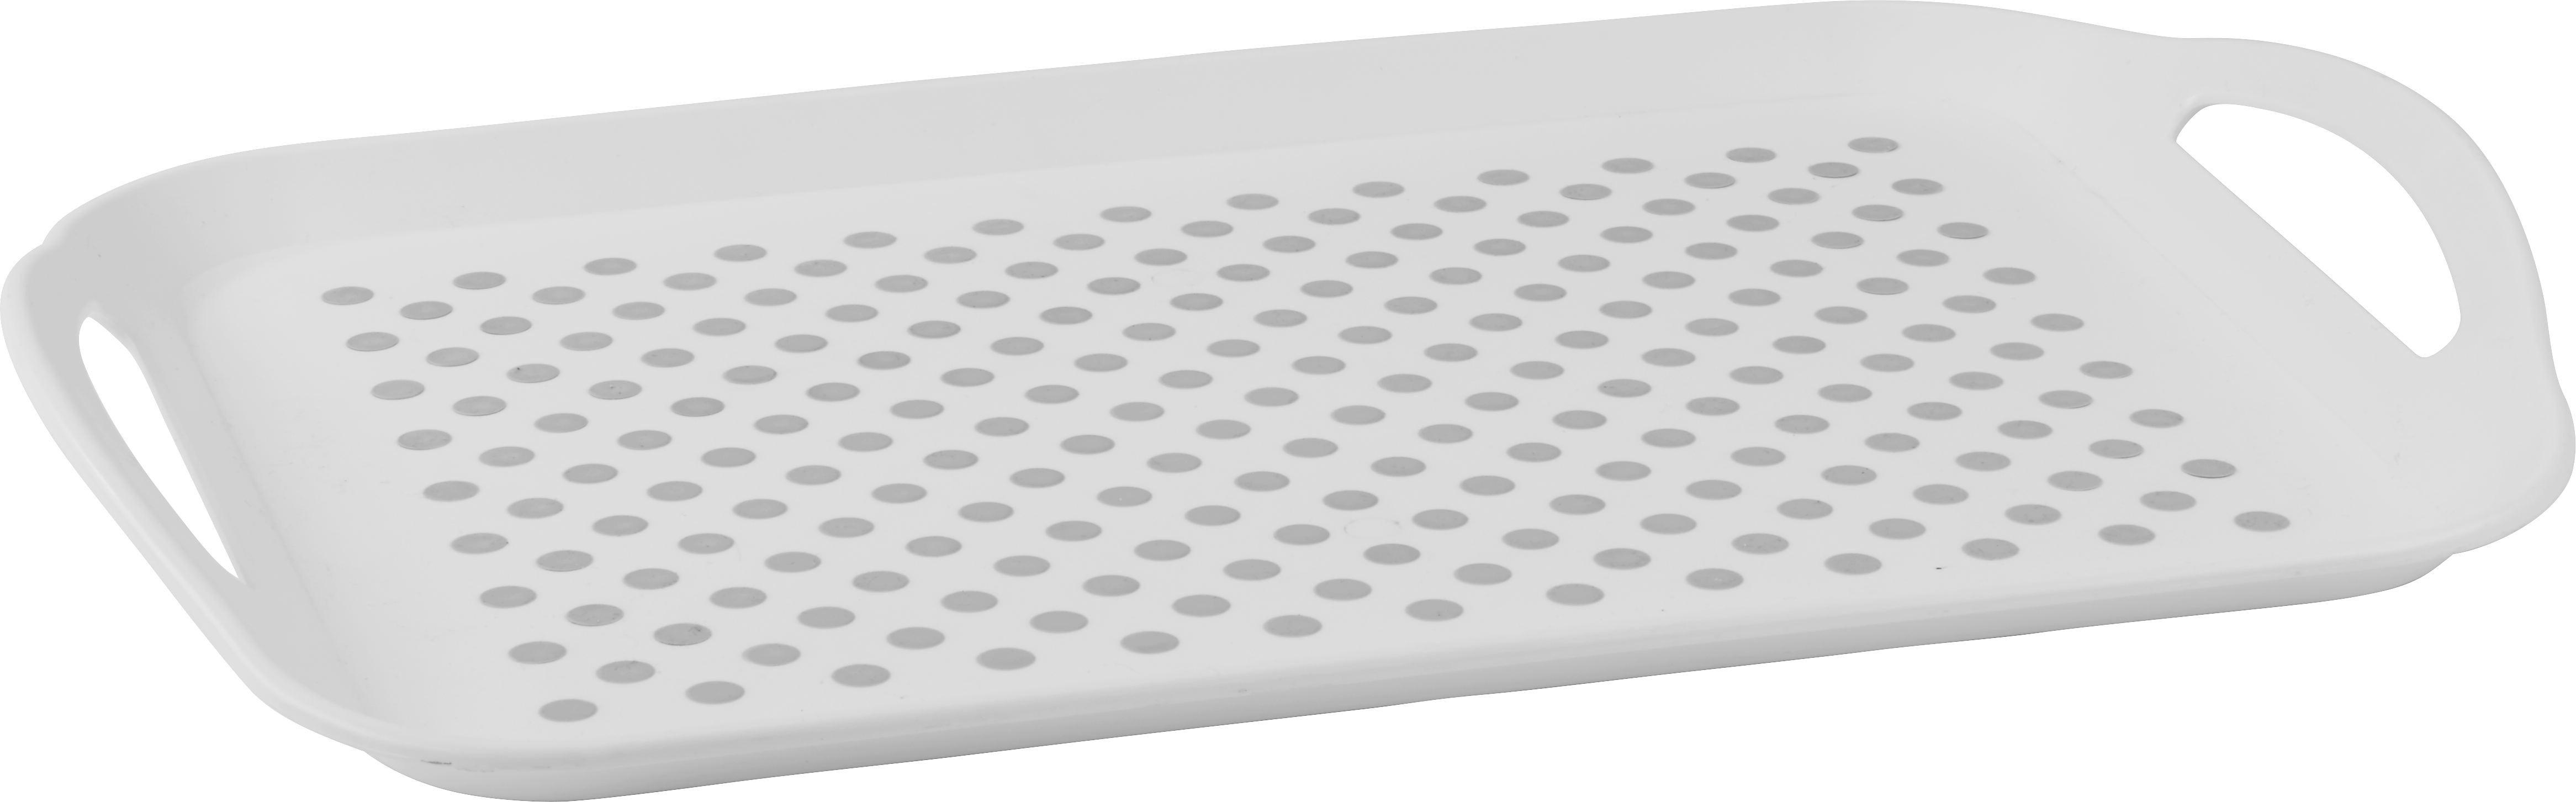 Szervírozó Tálca Ruth - fehér/szürke, műanyag (46/32,5/4,5cm) - MÖMAX modern living